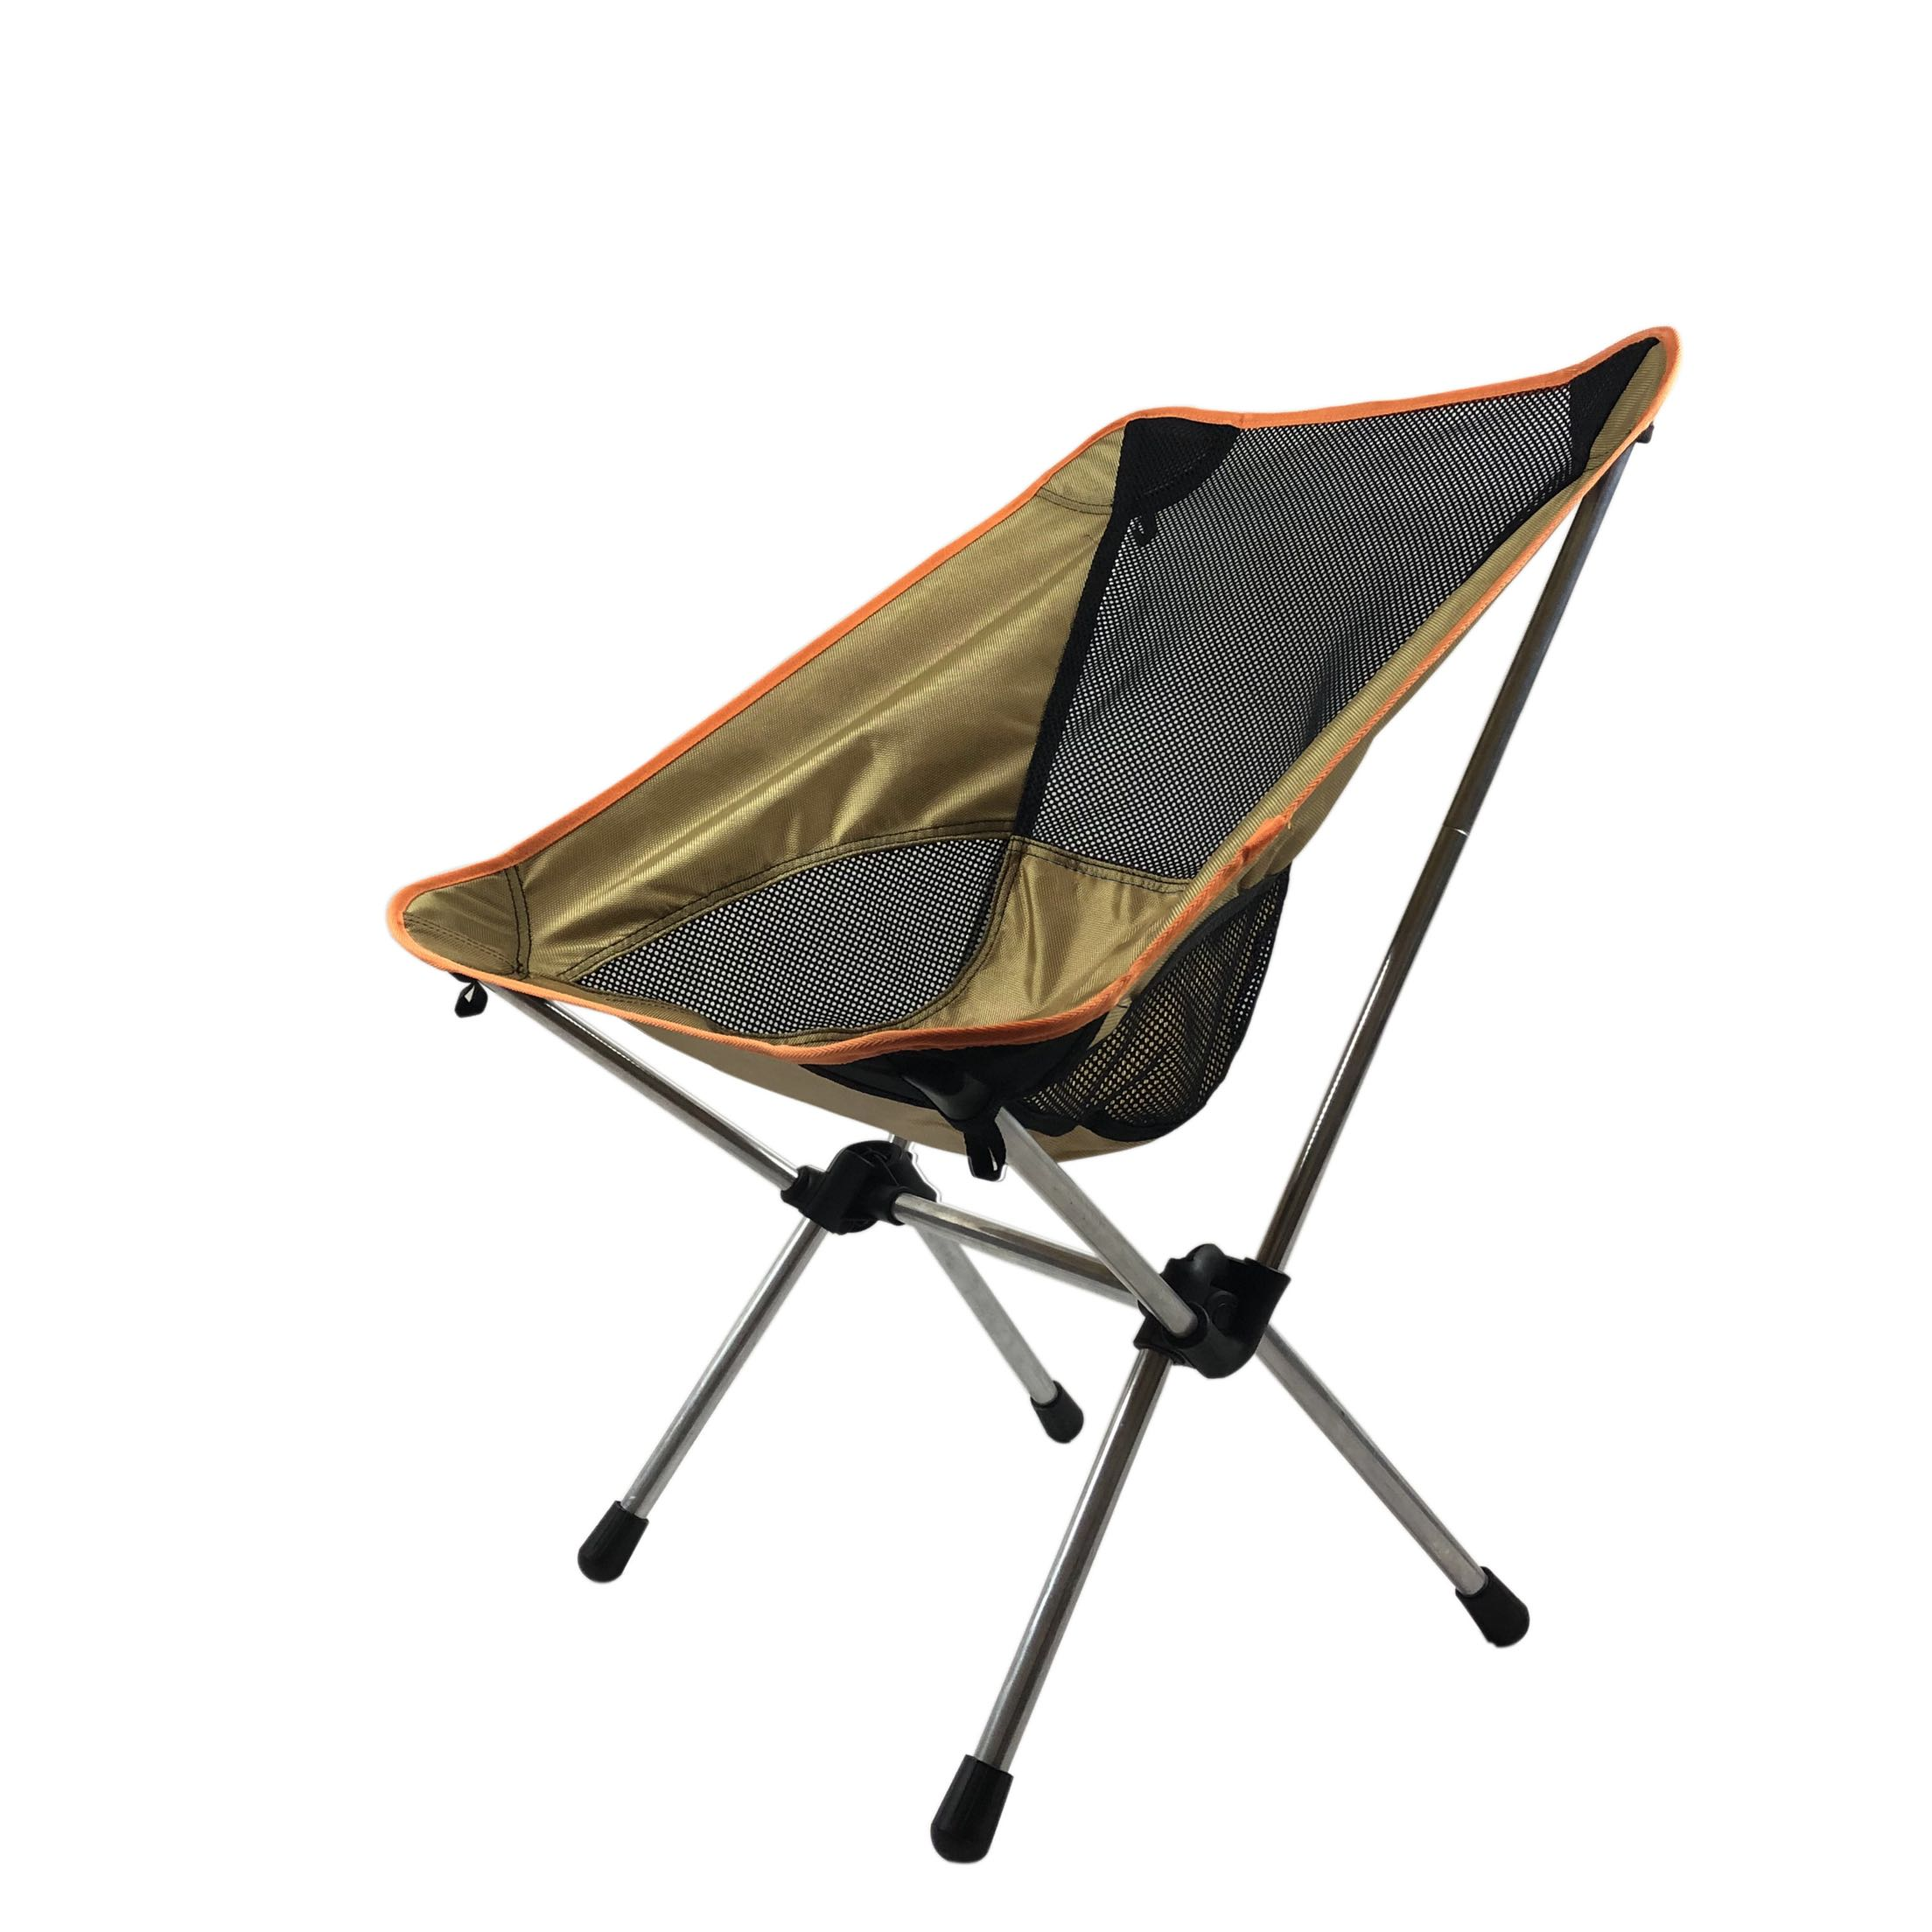 户外折叠椅 沙滩椅 垂钓者 野营椅